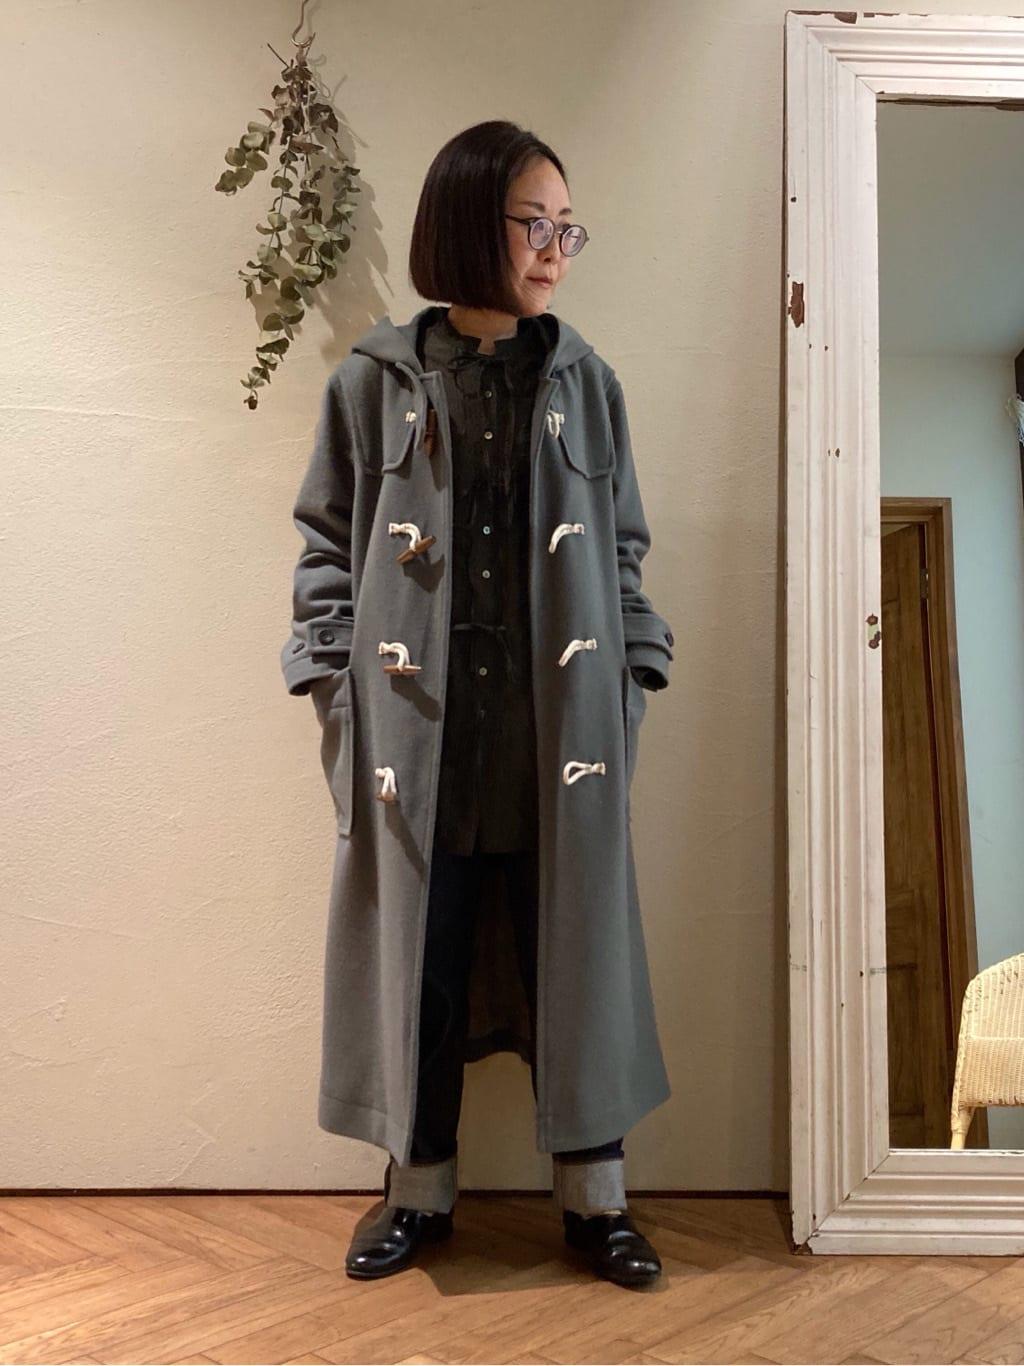 yuni 京都路面 身長:152cm 2021.10.16